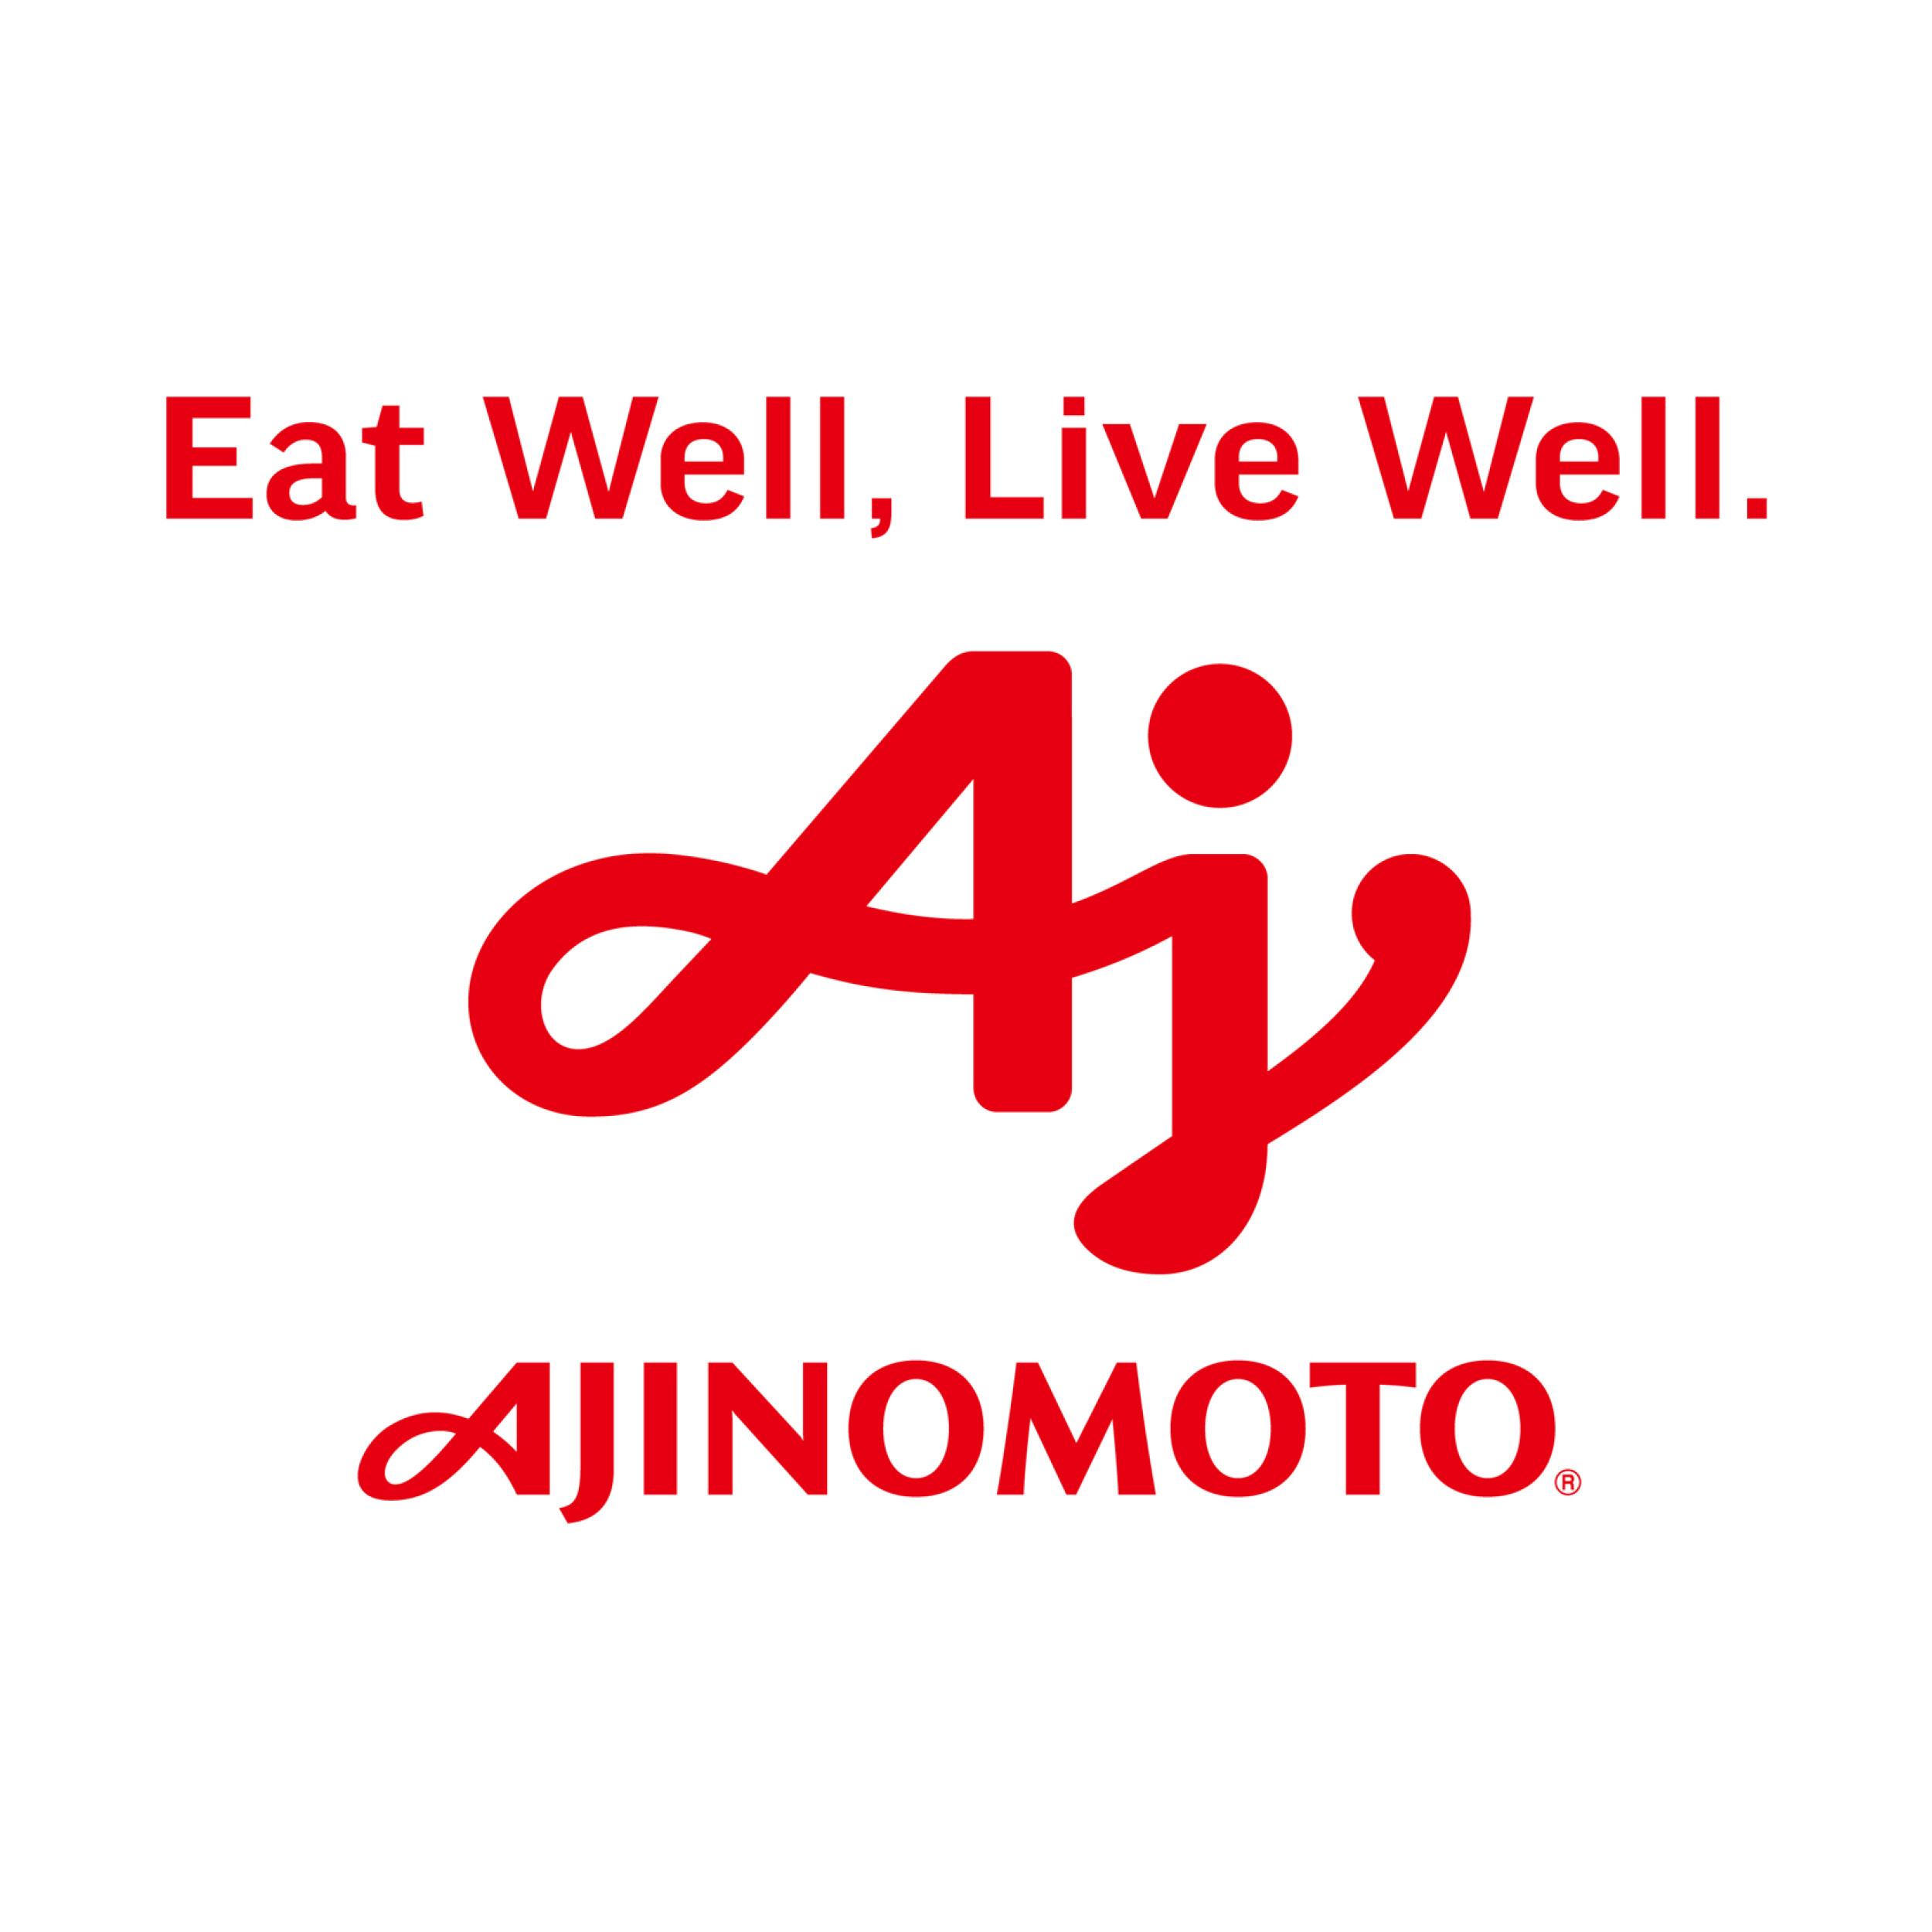 Ajinomoto Health & Nutrition